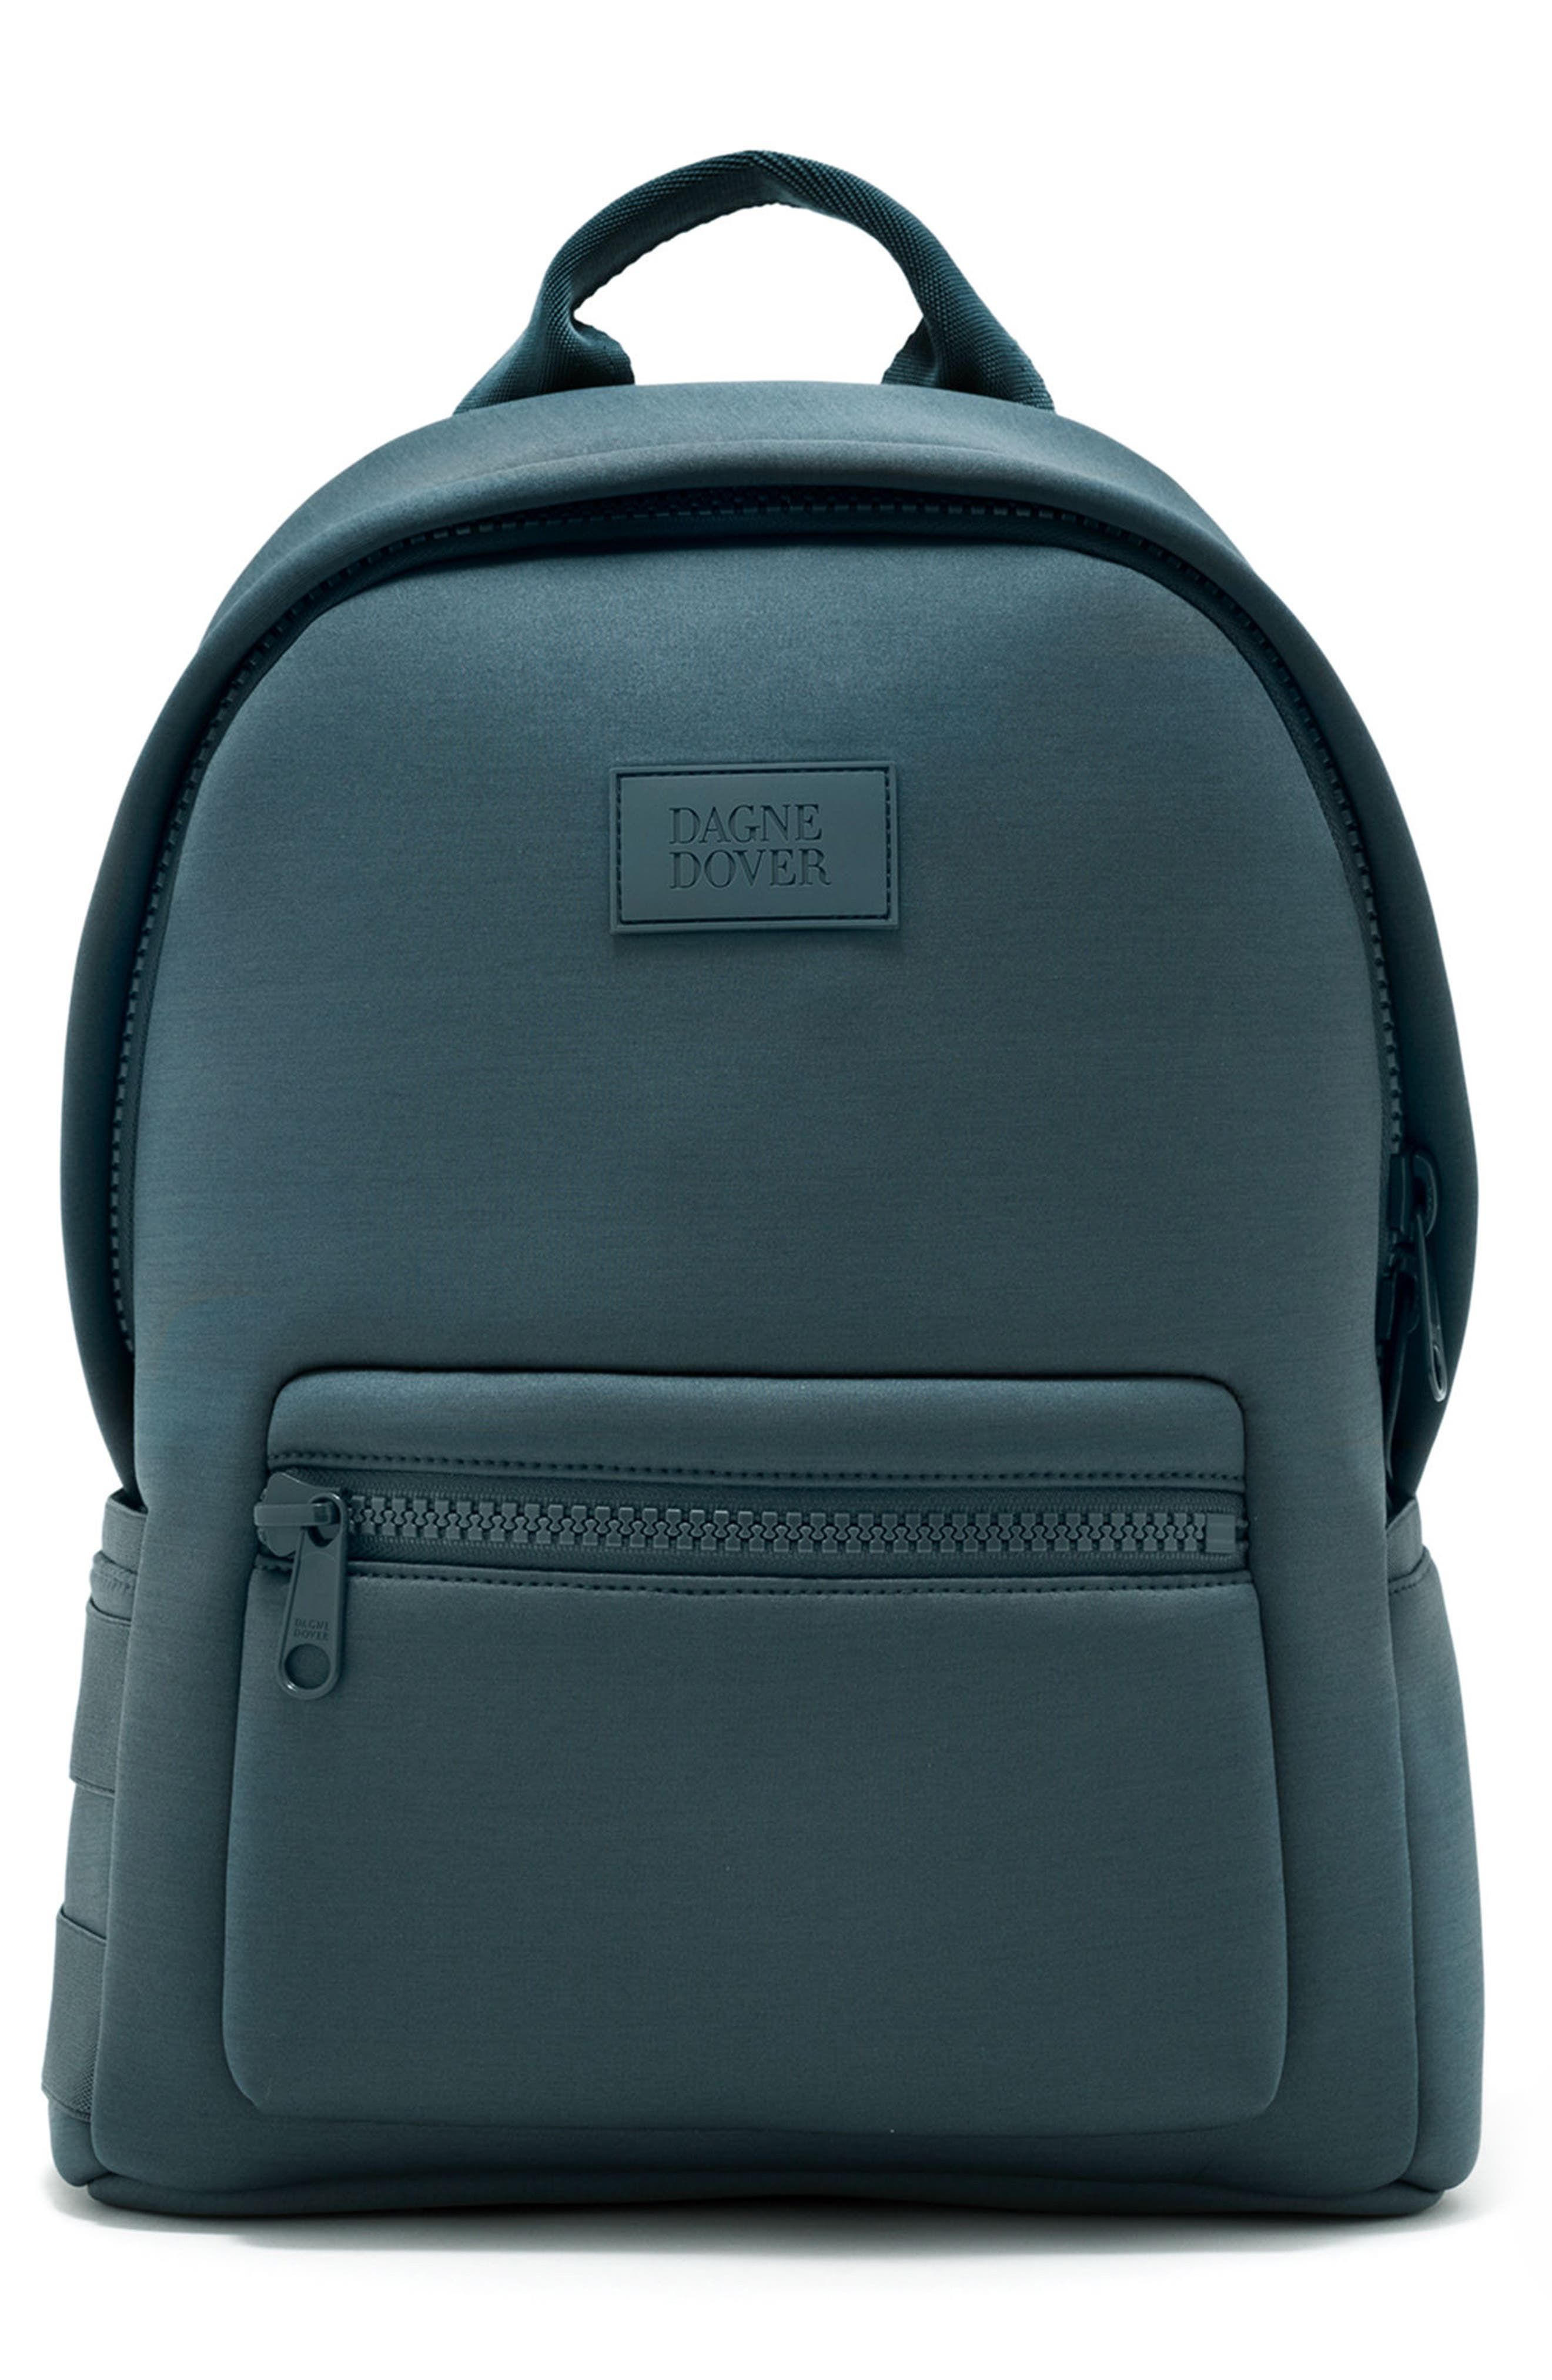 365 Dakota Neoprene Backpack,                             Main thumbnail 1, color,